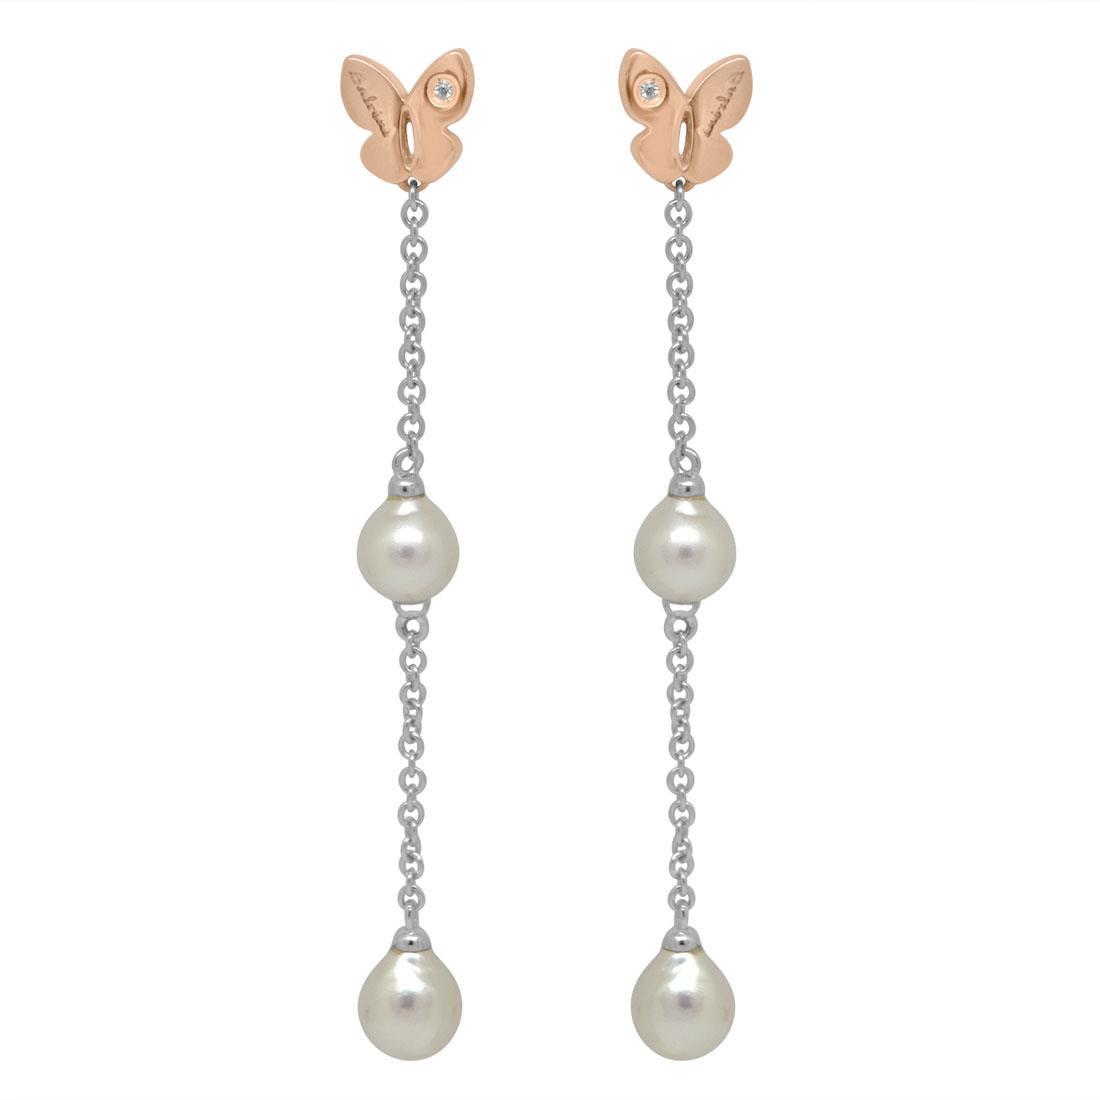 Orecchini pendneti con perle - SALVINI